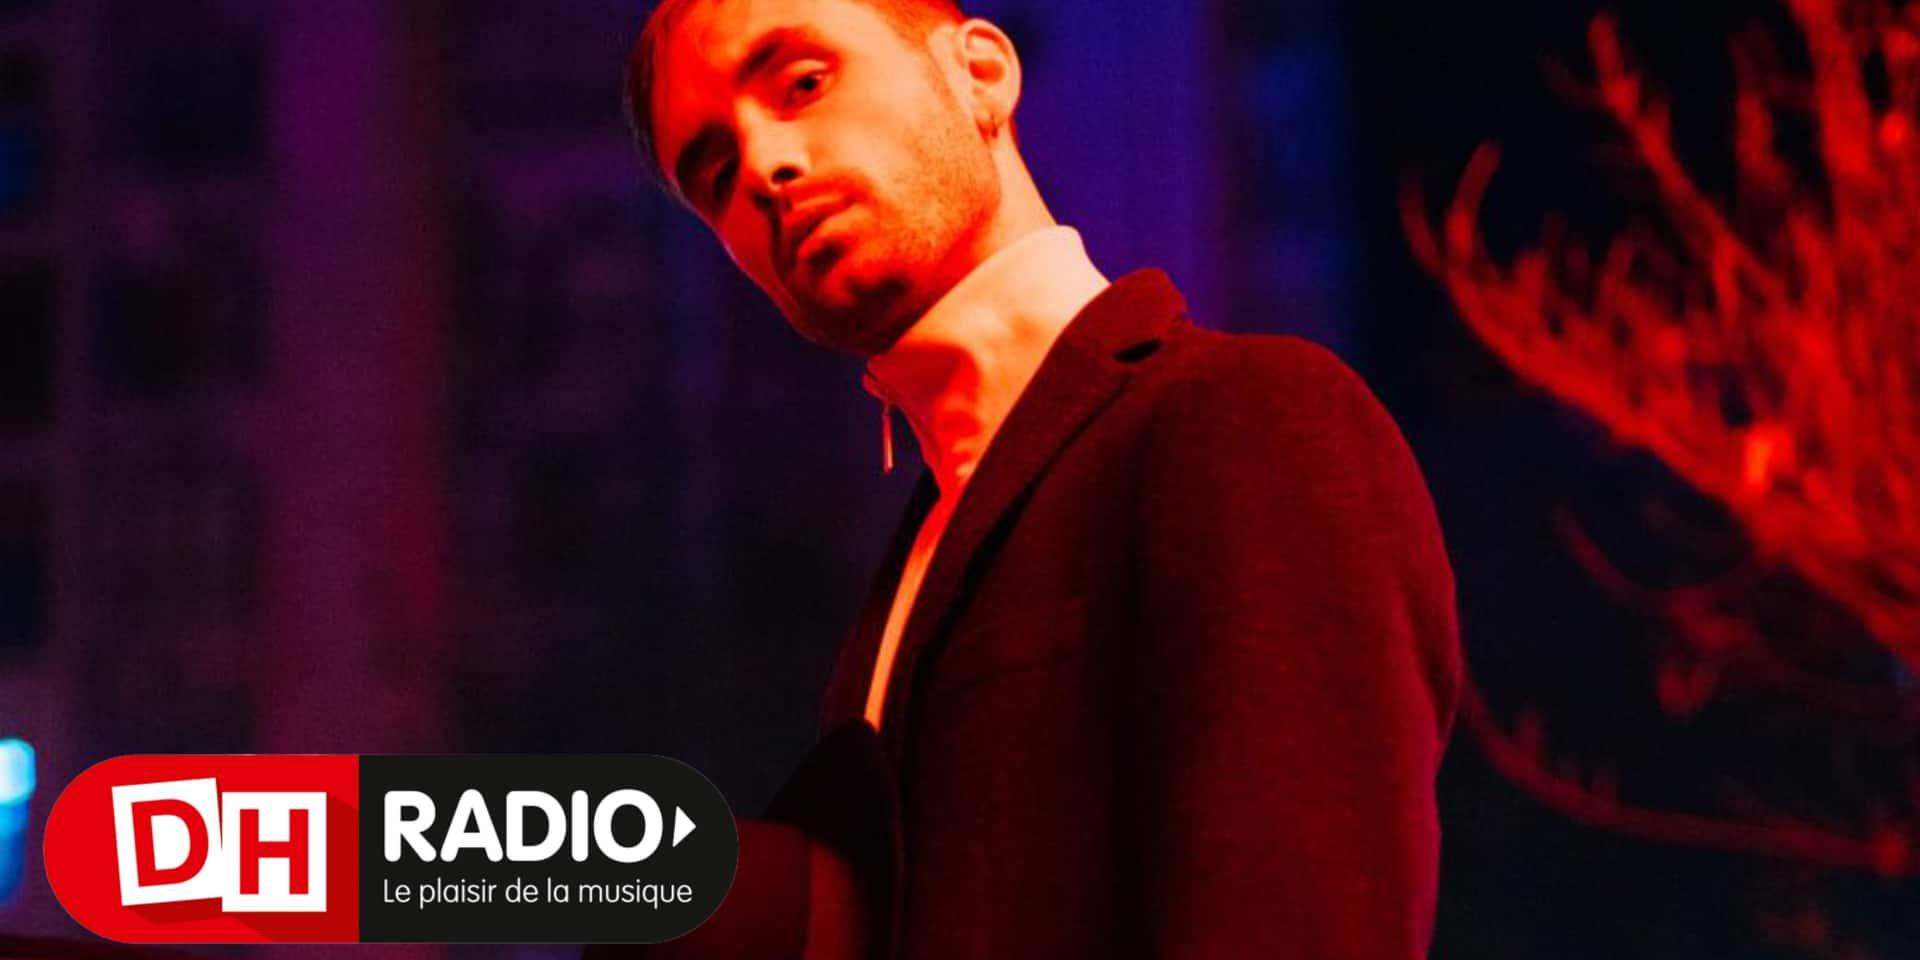 Découverte belge de la semaine: DH Radio vous présente Edor !